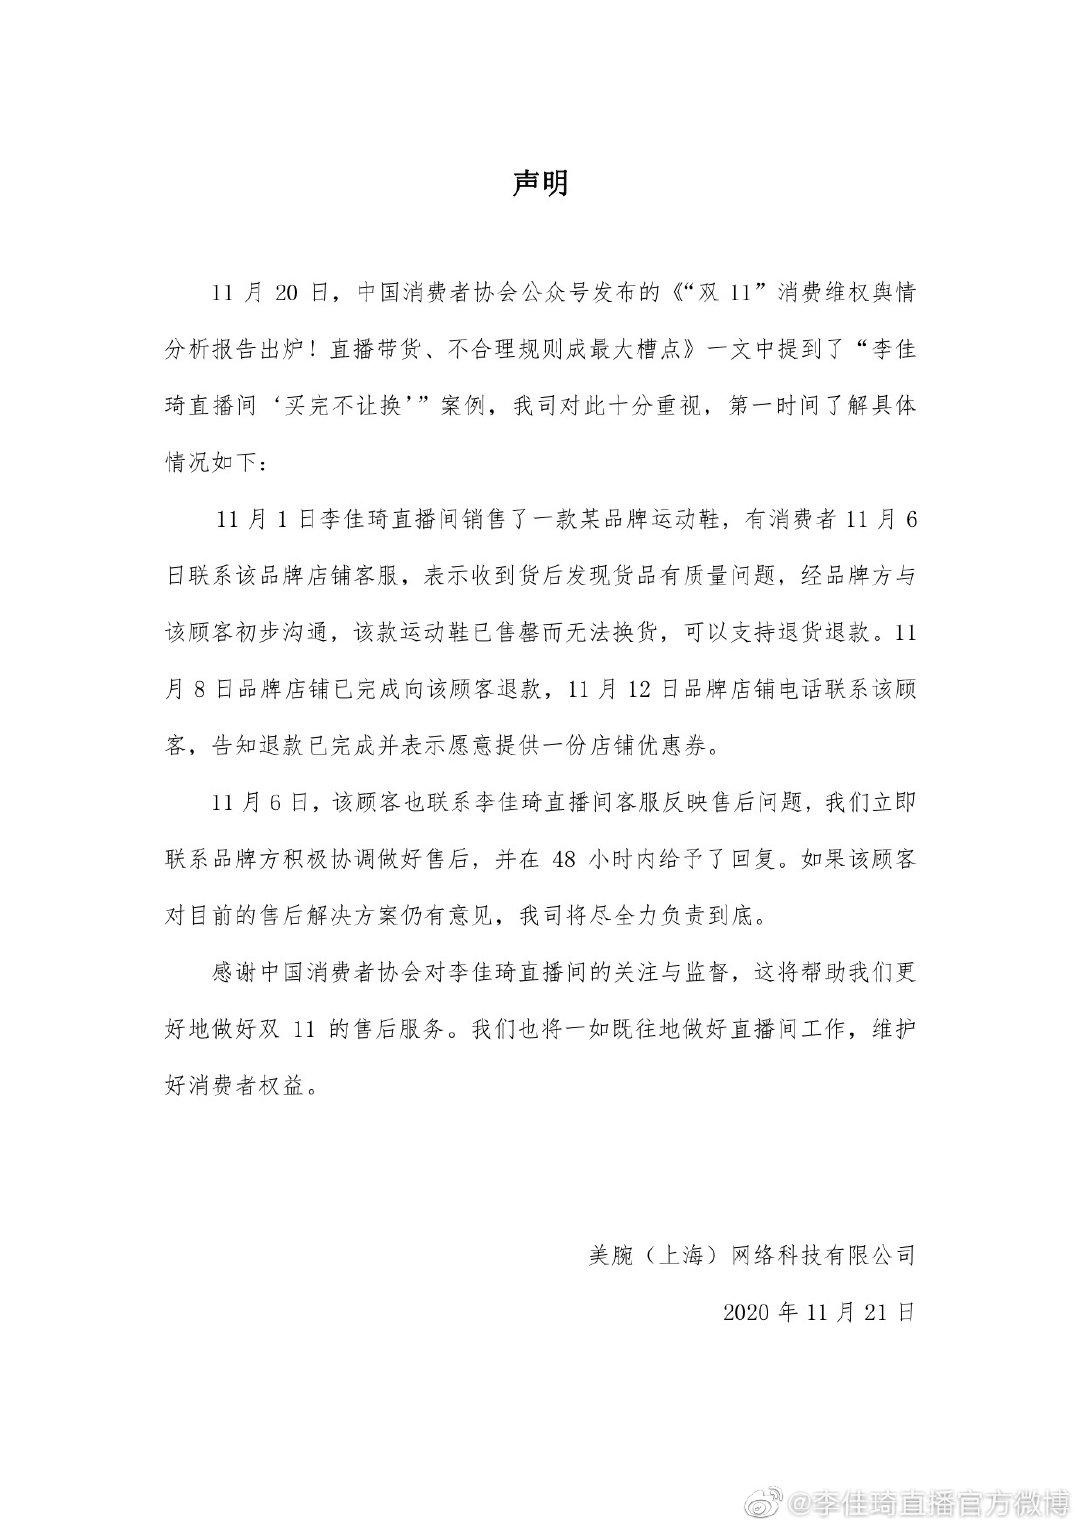 李佳琦直播间回应了被中消协点名一事。